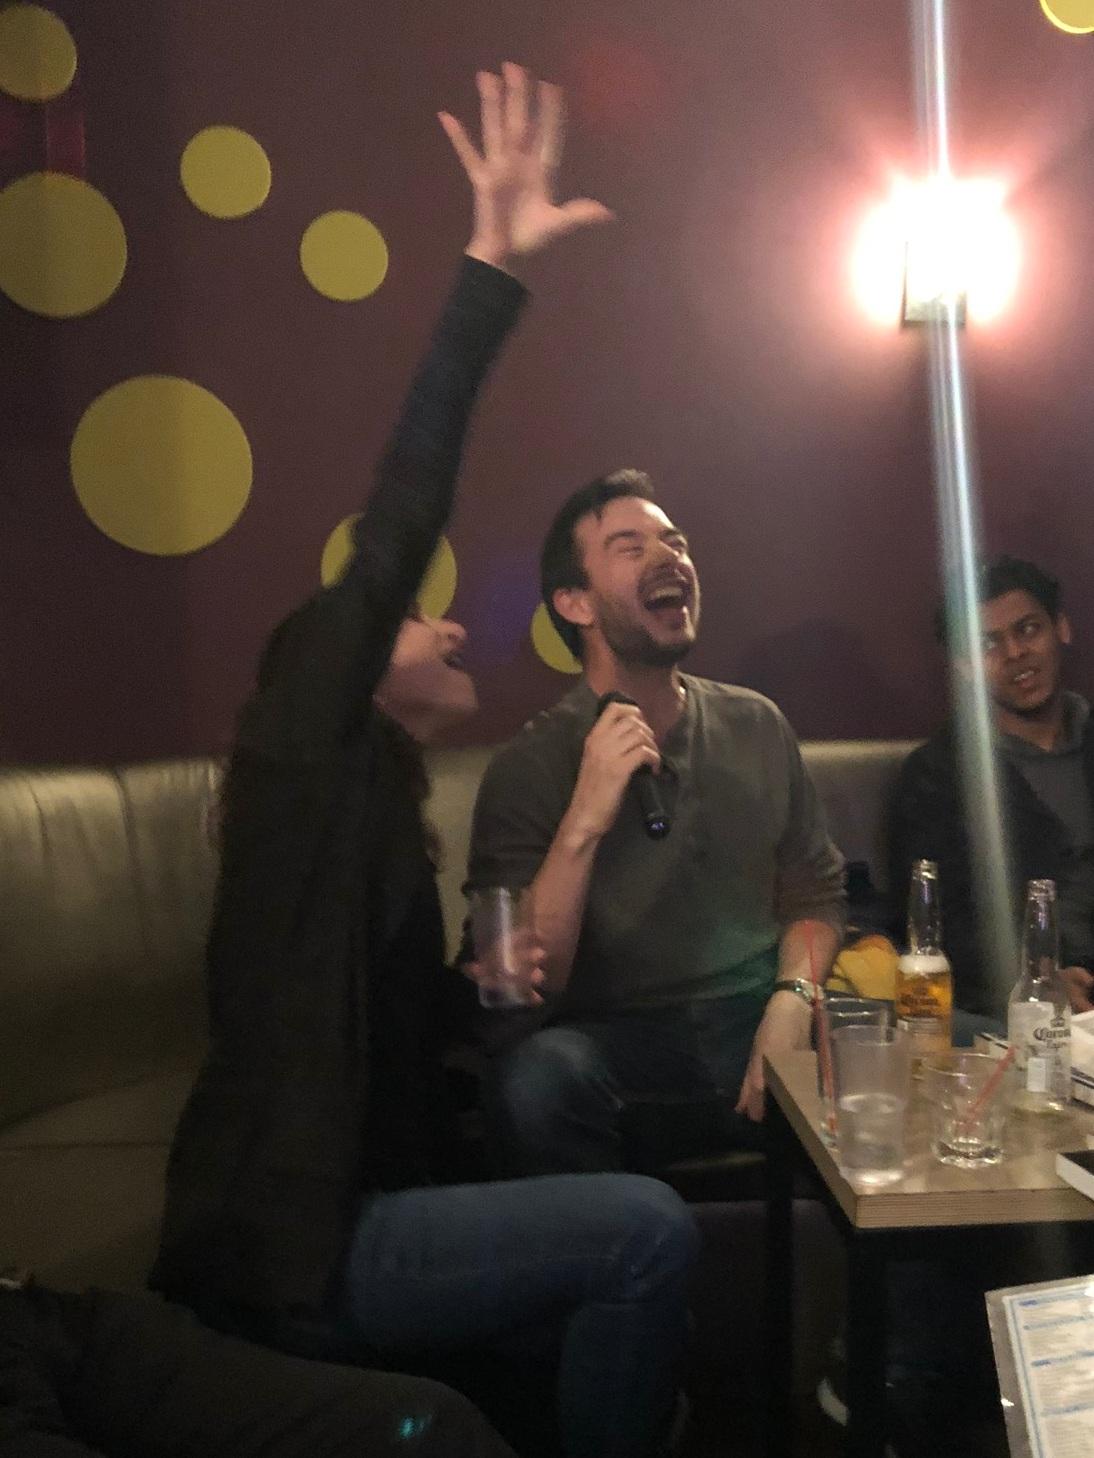 Appropriate levels of karaoke enthusiasm